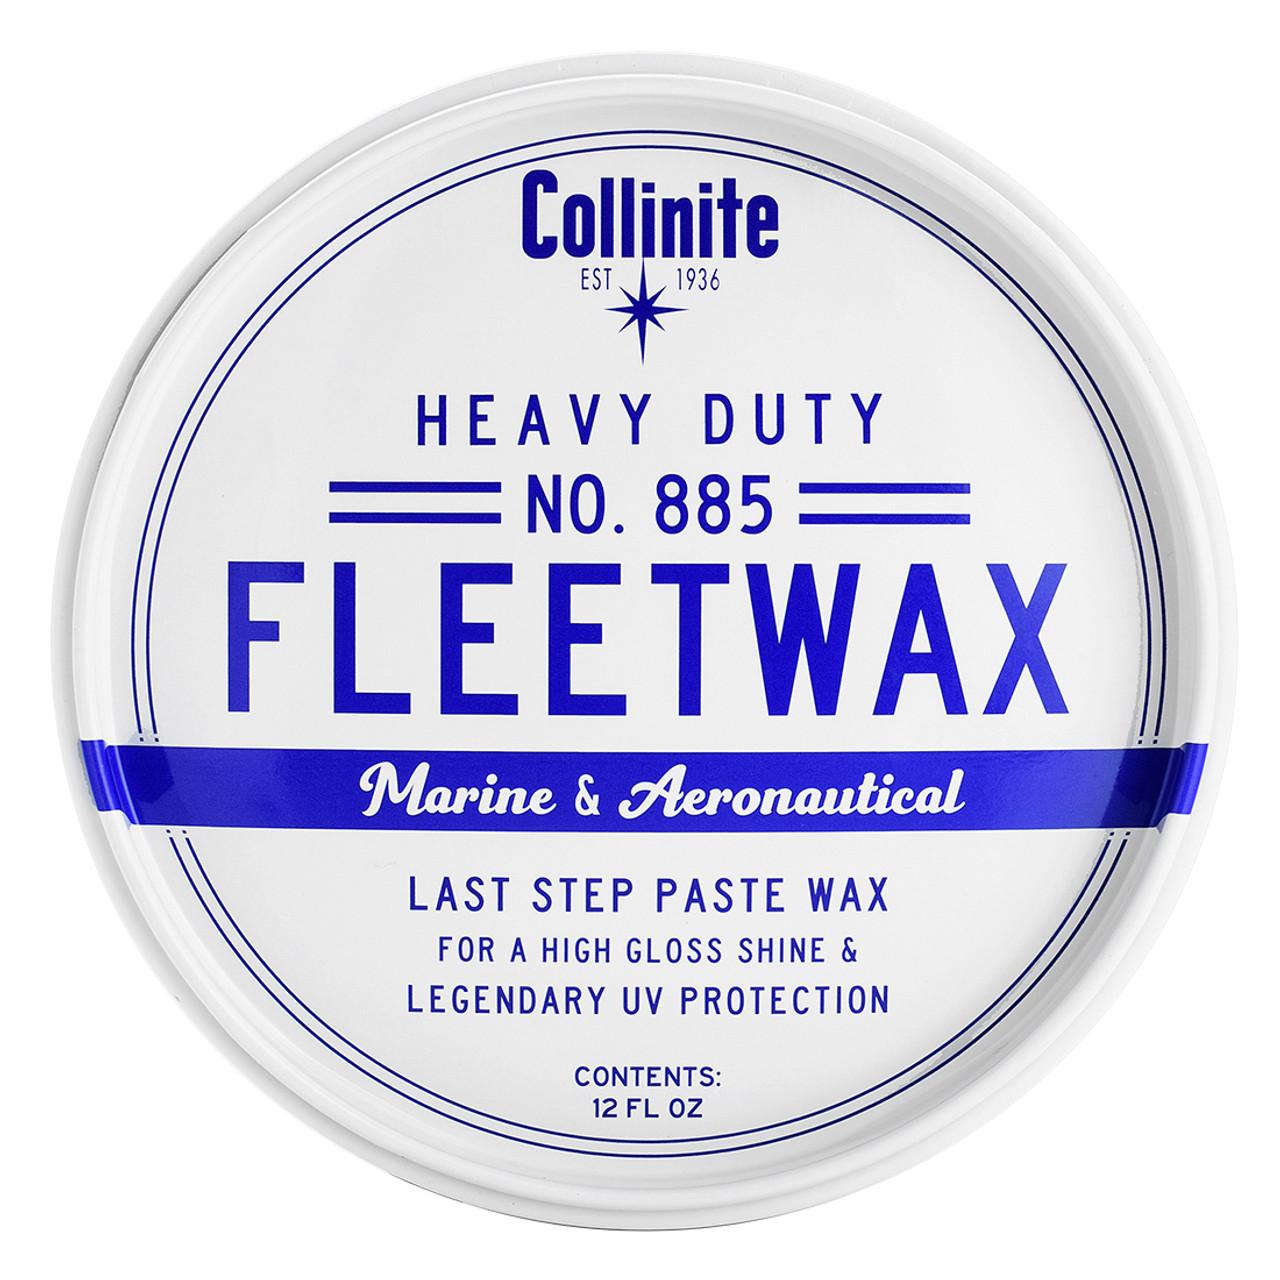 Collinite #885 Heavy-Duty Fleet Wax Paste 473ml